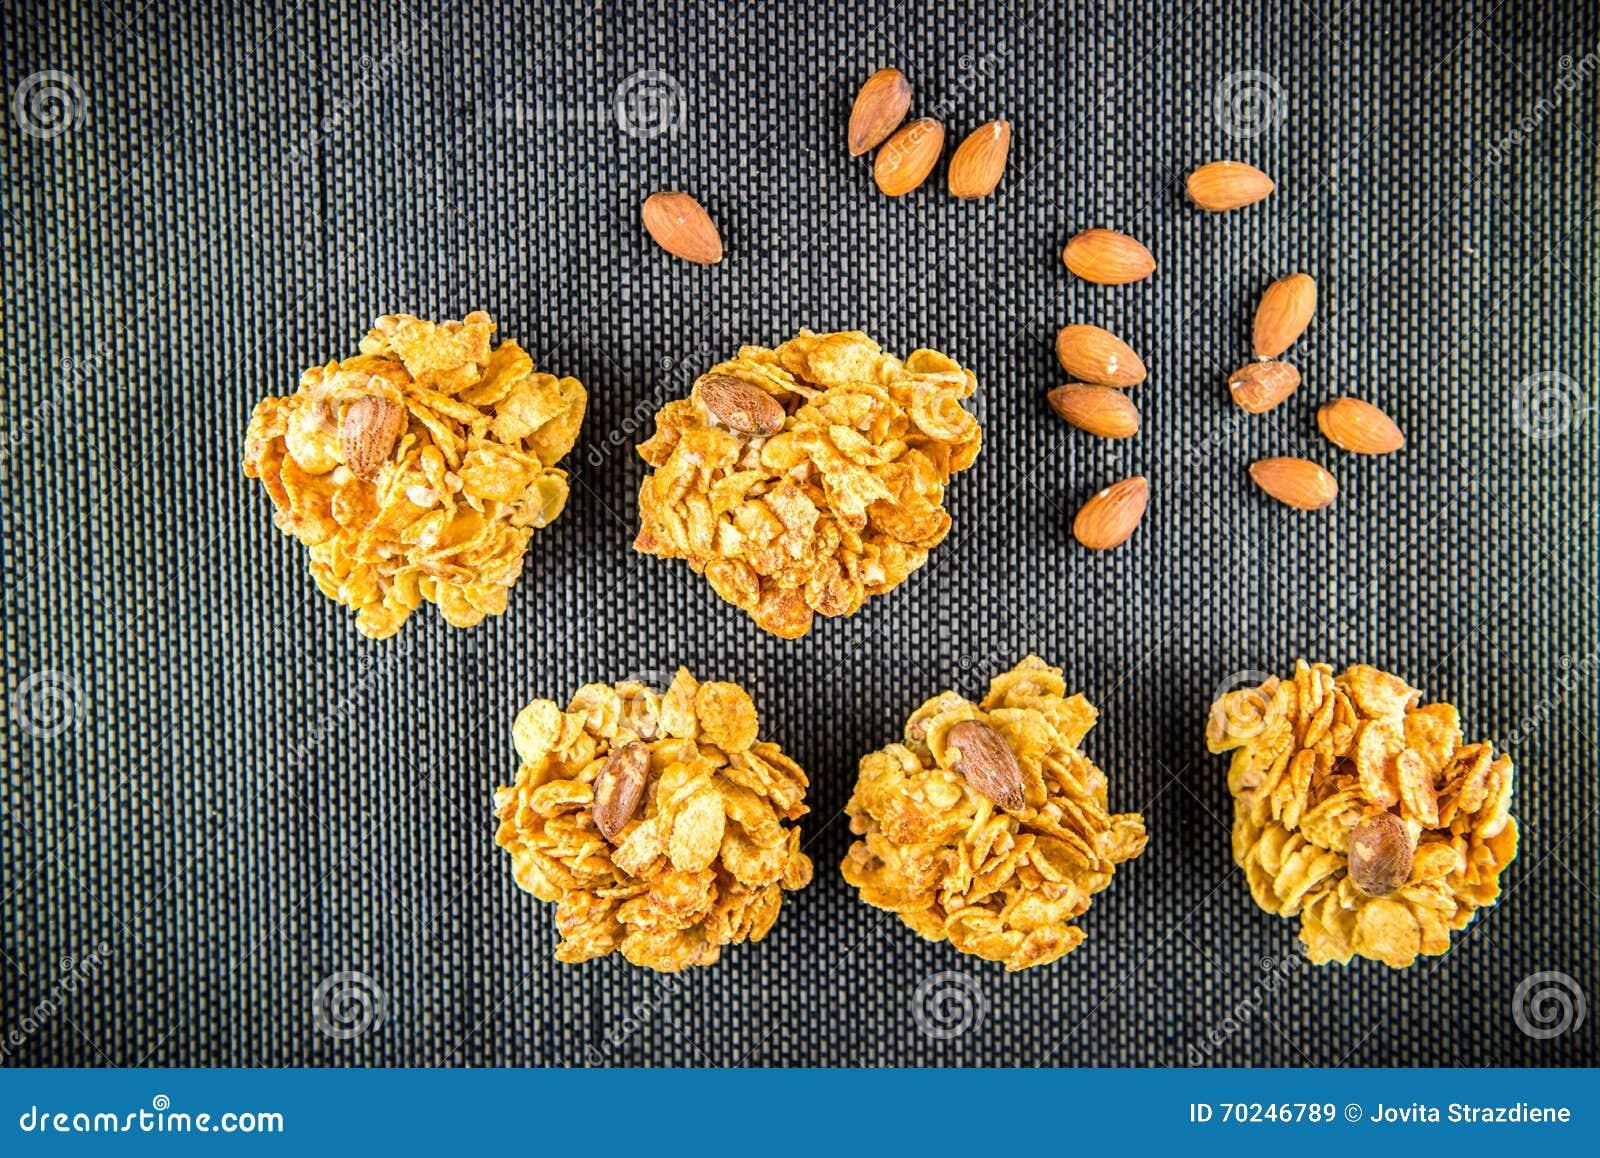 Biscuits avec des amandes